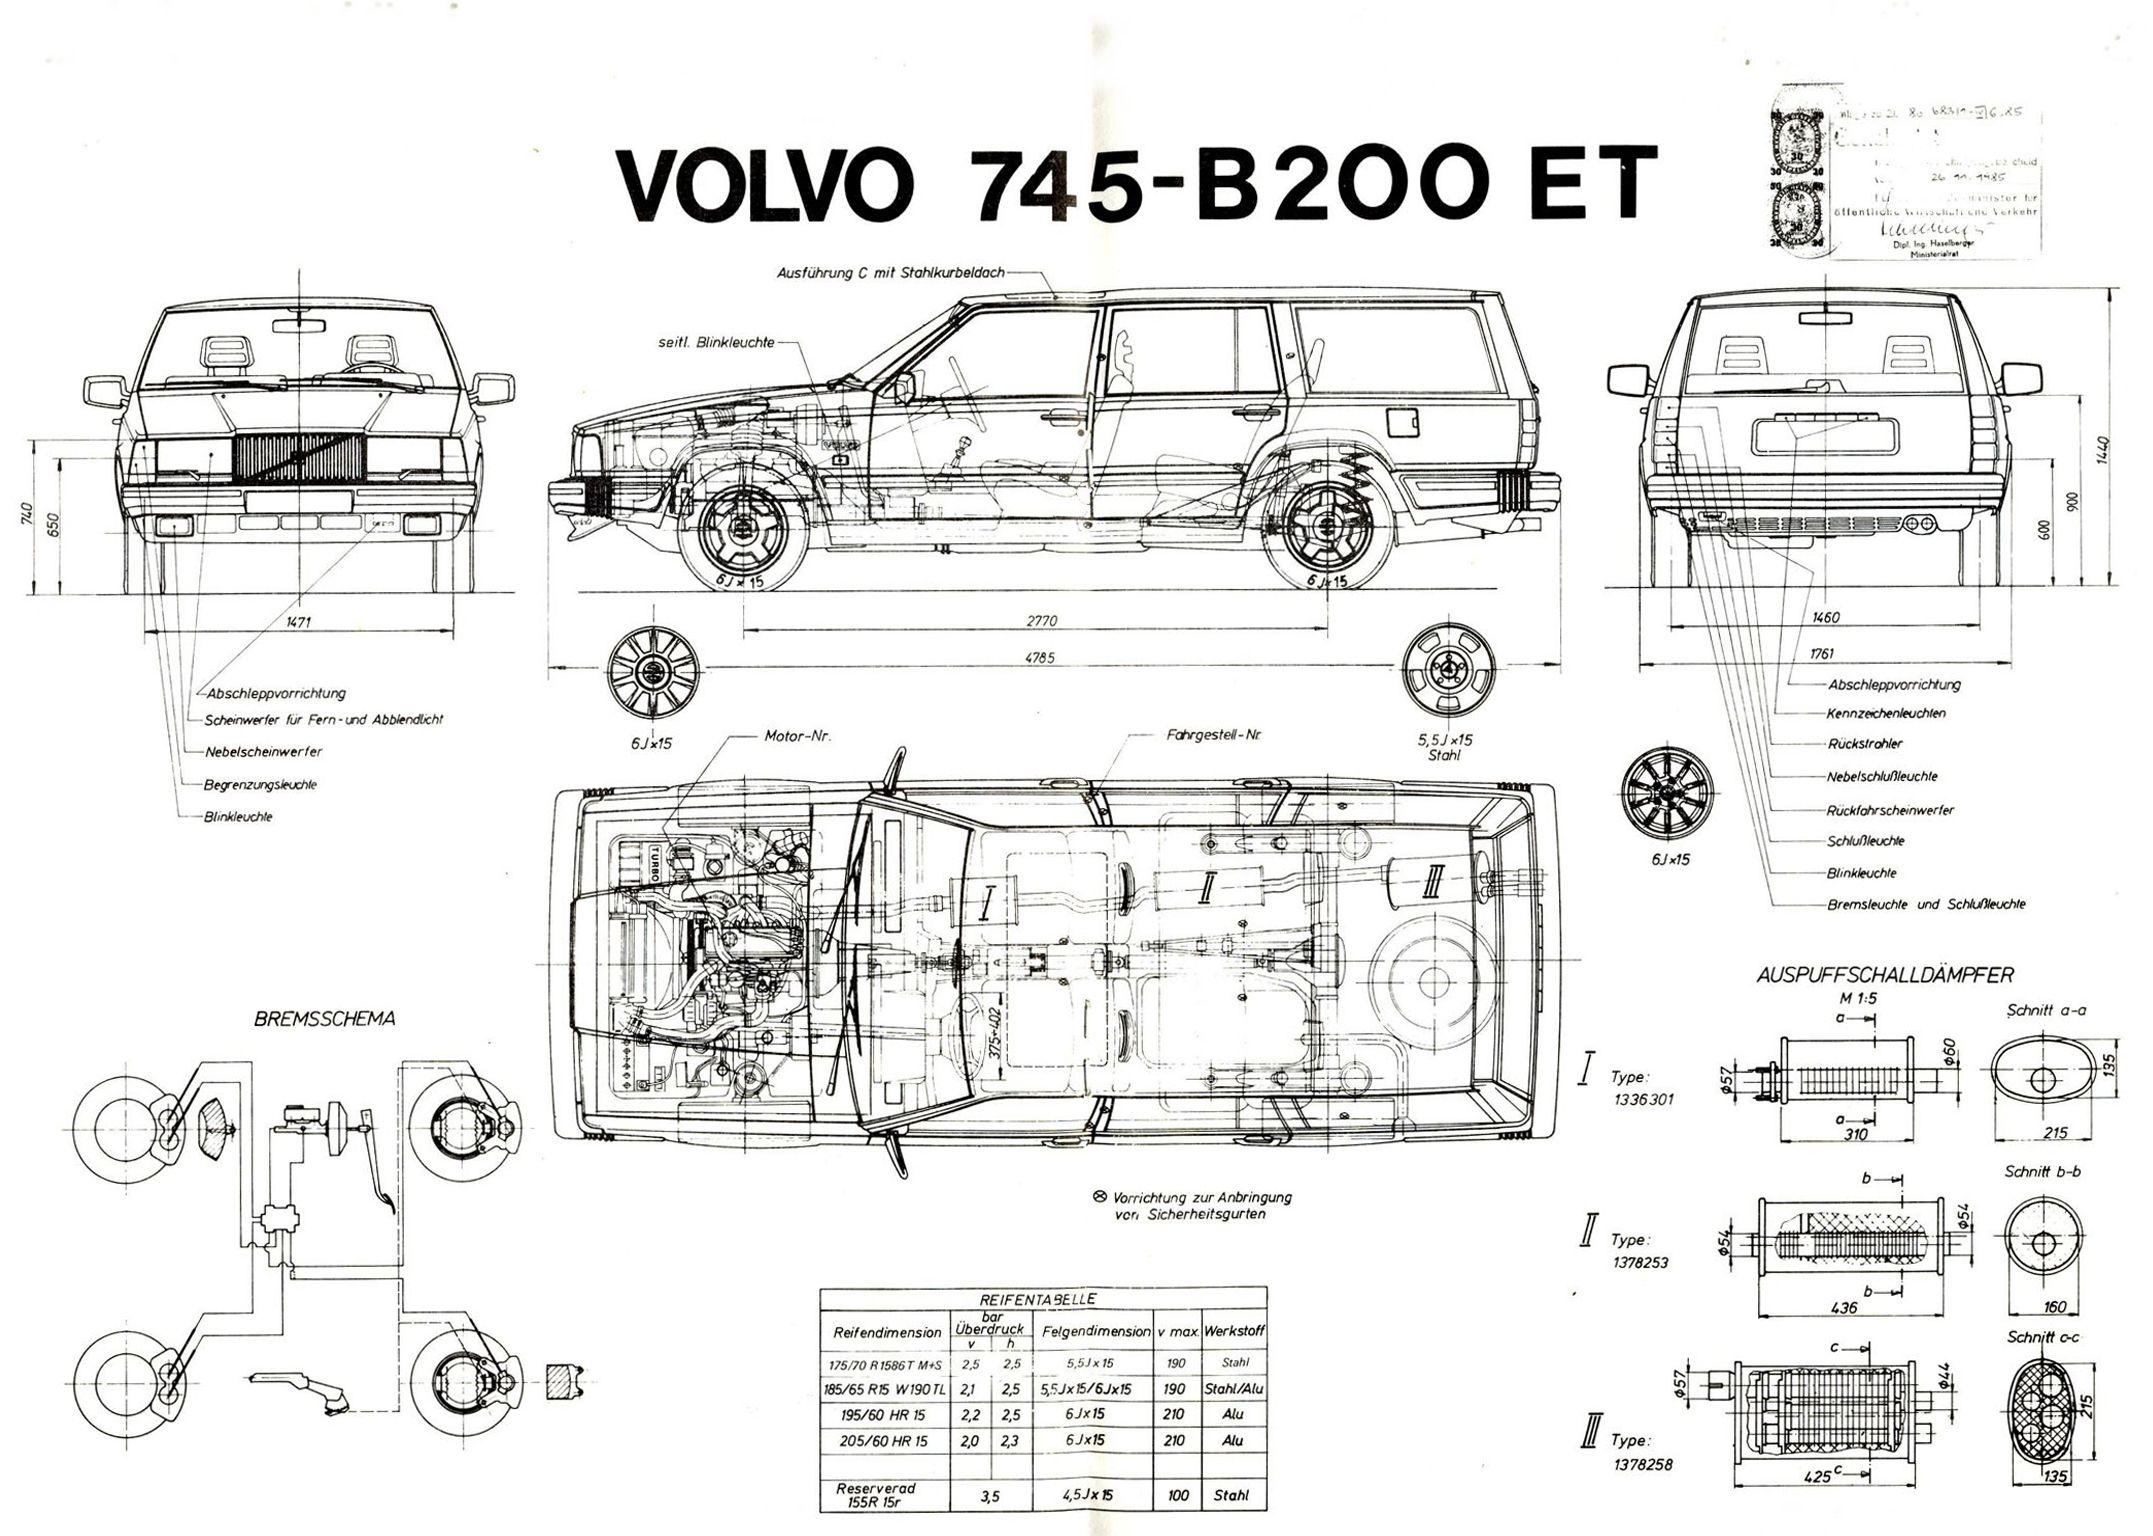 Tolle Automotor Beschriftetes Diagramm Bilder - Die Besten ...